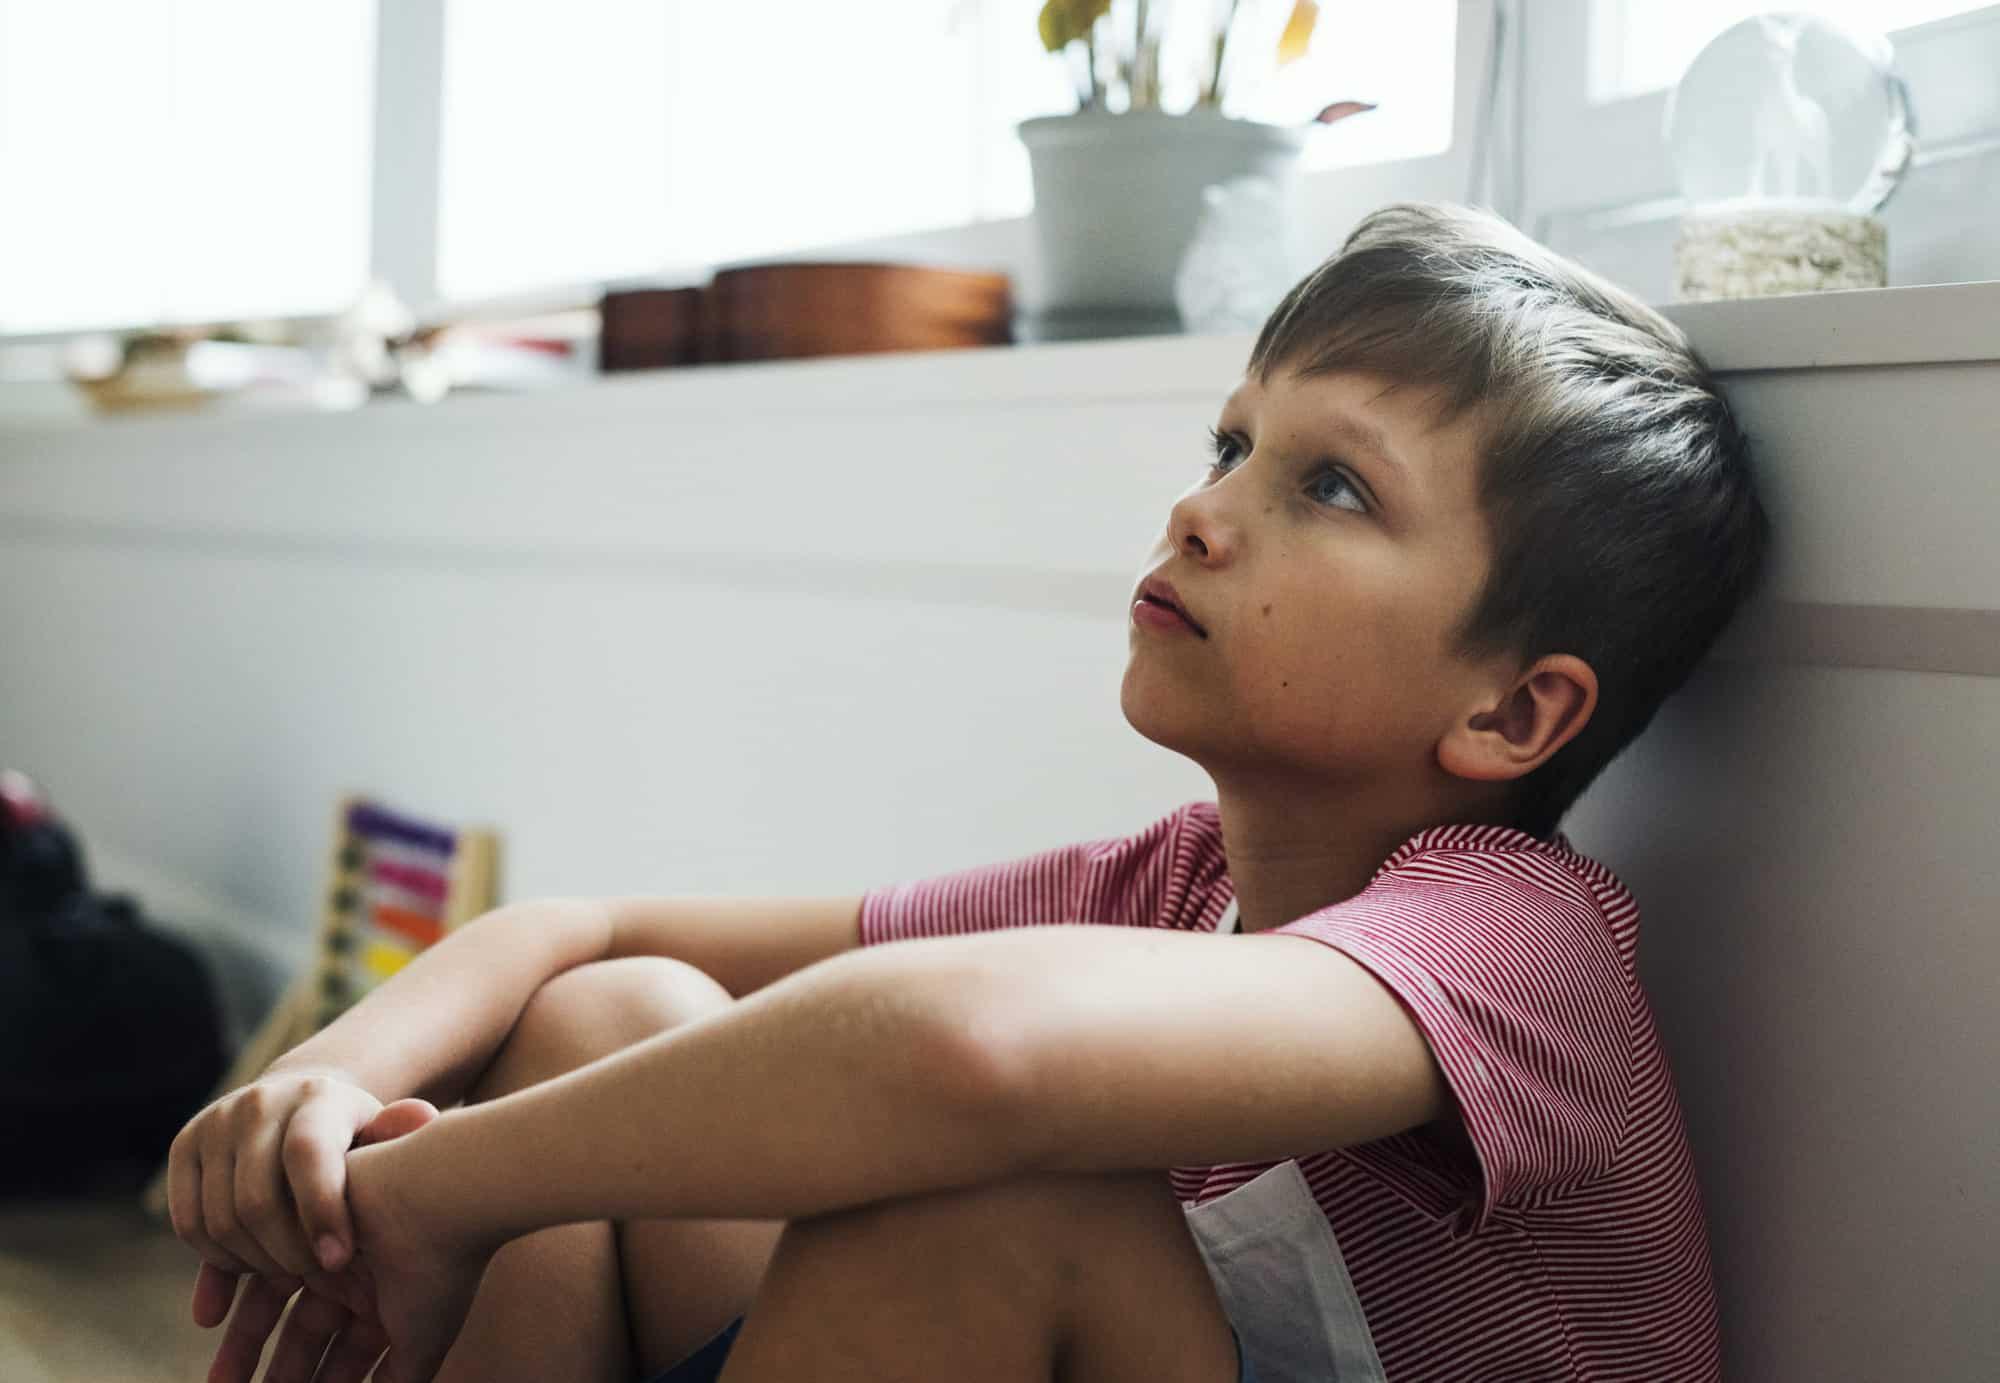 Aumento da Asma Autismo Alergias Deficit de Atenção e Hiperatividade